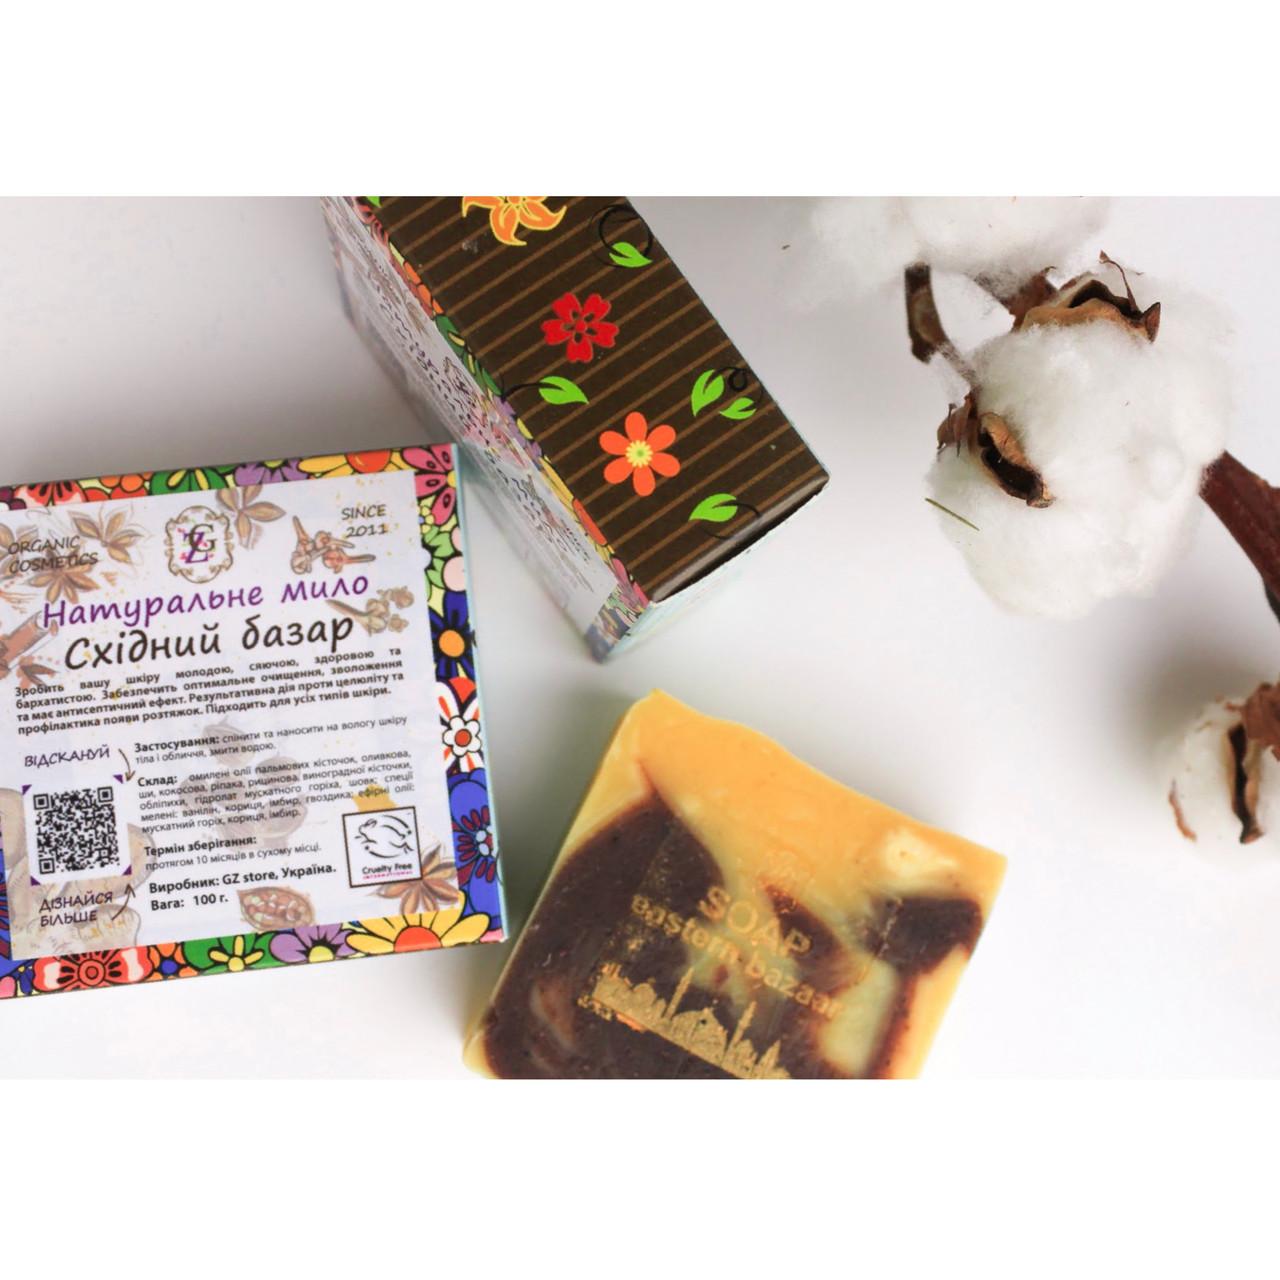 Мило-скраб зі спеціями з хорошим східним ароматом - 500 грам(5 шт в упаковці) - натуральне ручної роботи